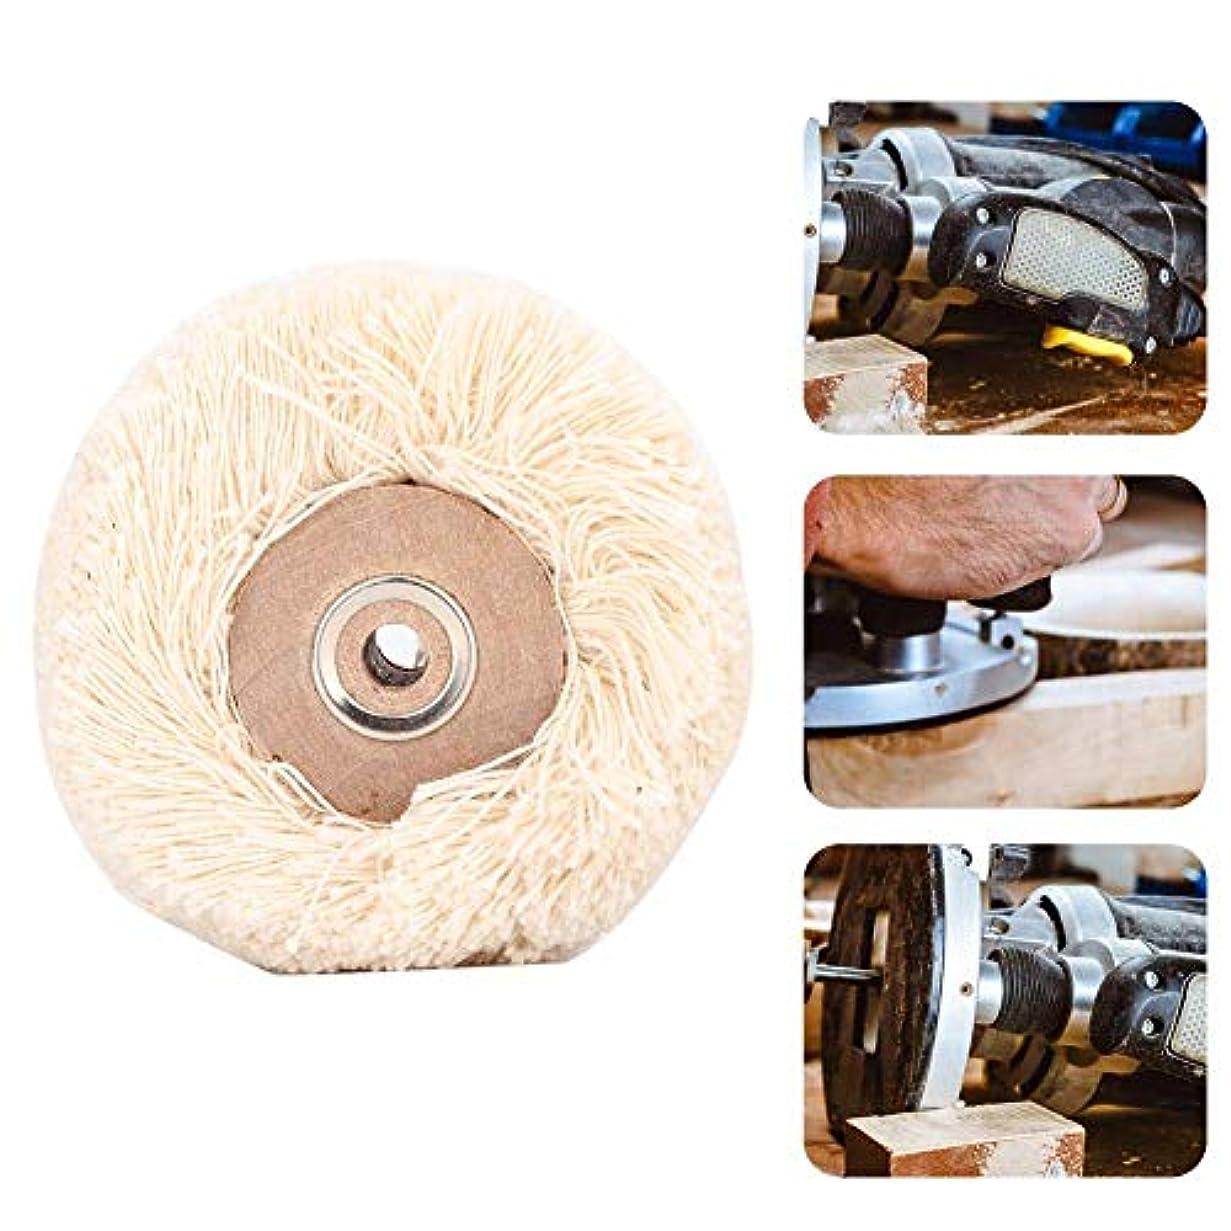 細胞耕す整然とした研磨ヘッド 回転工具 研磨ドリルグラインダーホイールブラシジュエリー研磨工具(M)